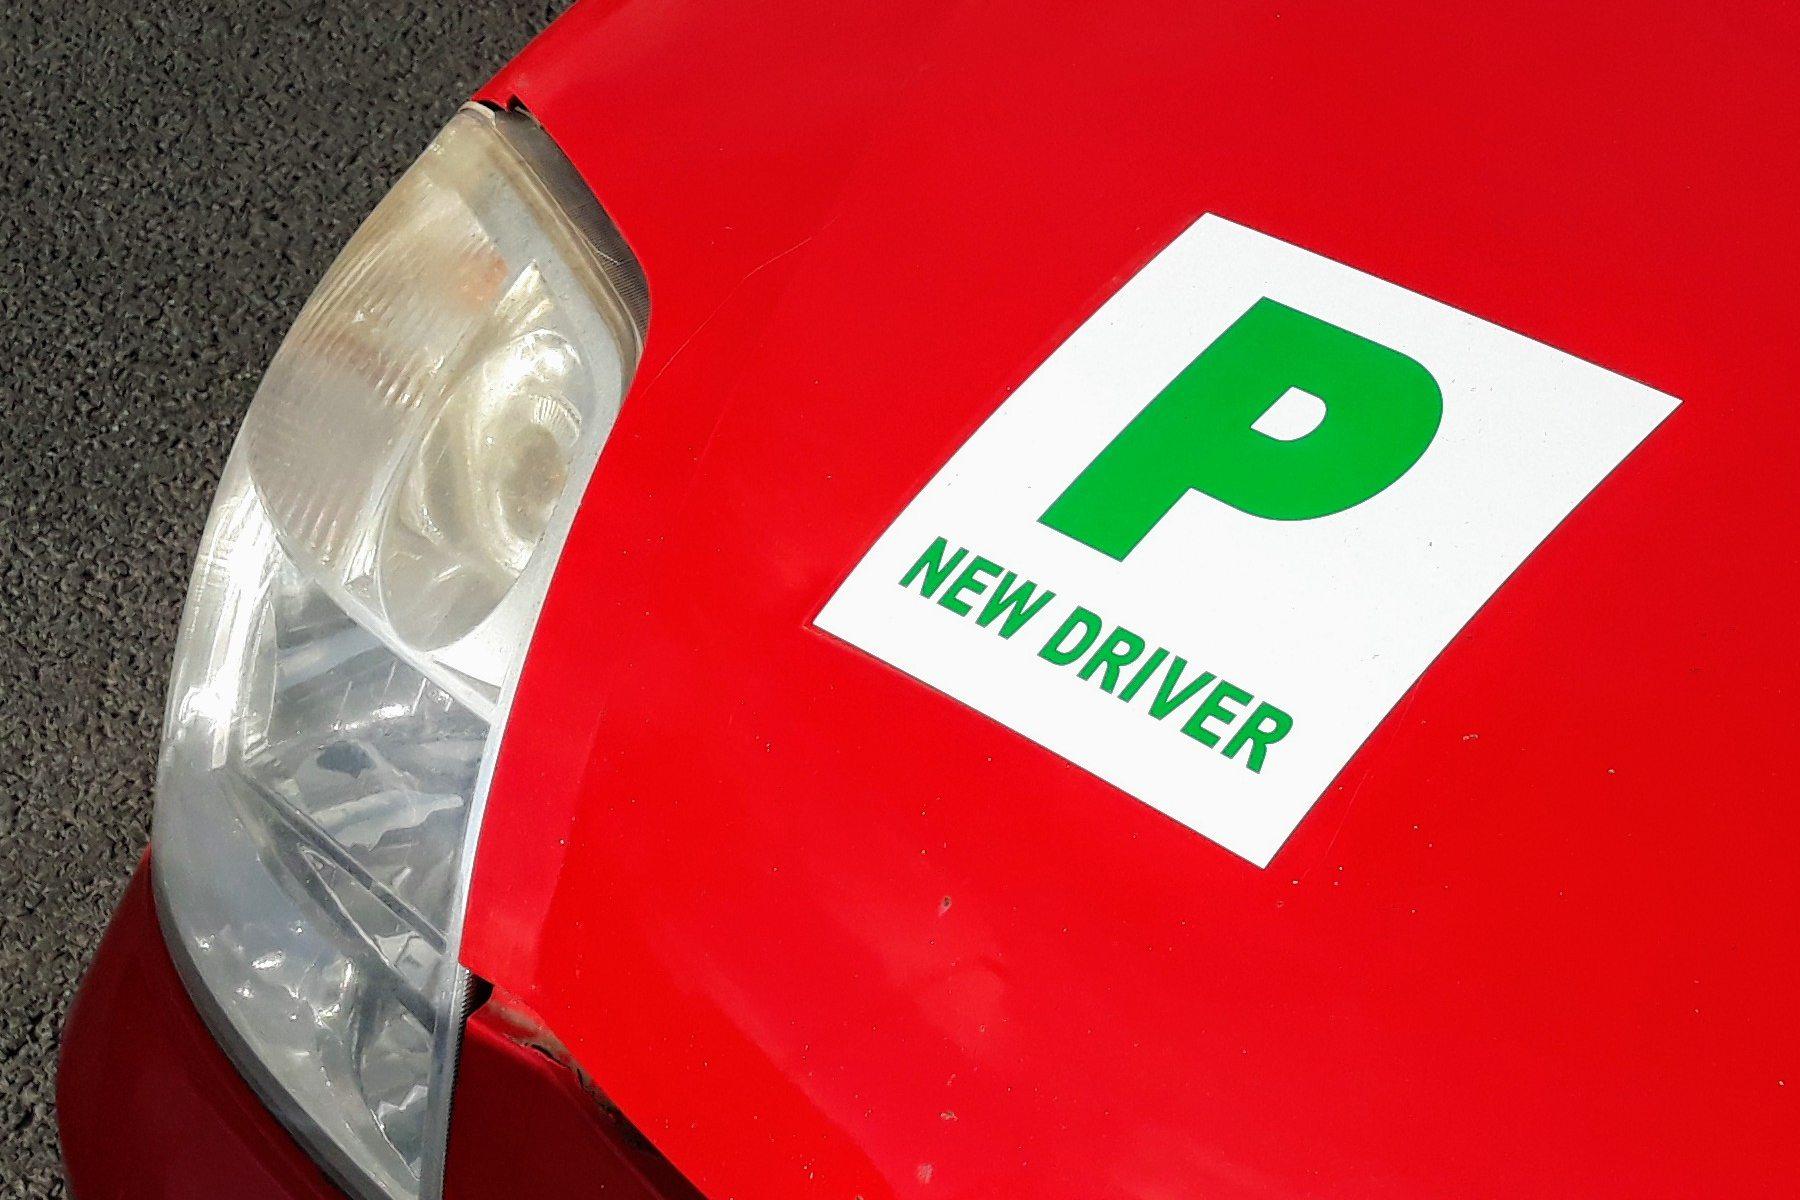 New driver - photo Gareth Herincx